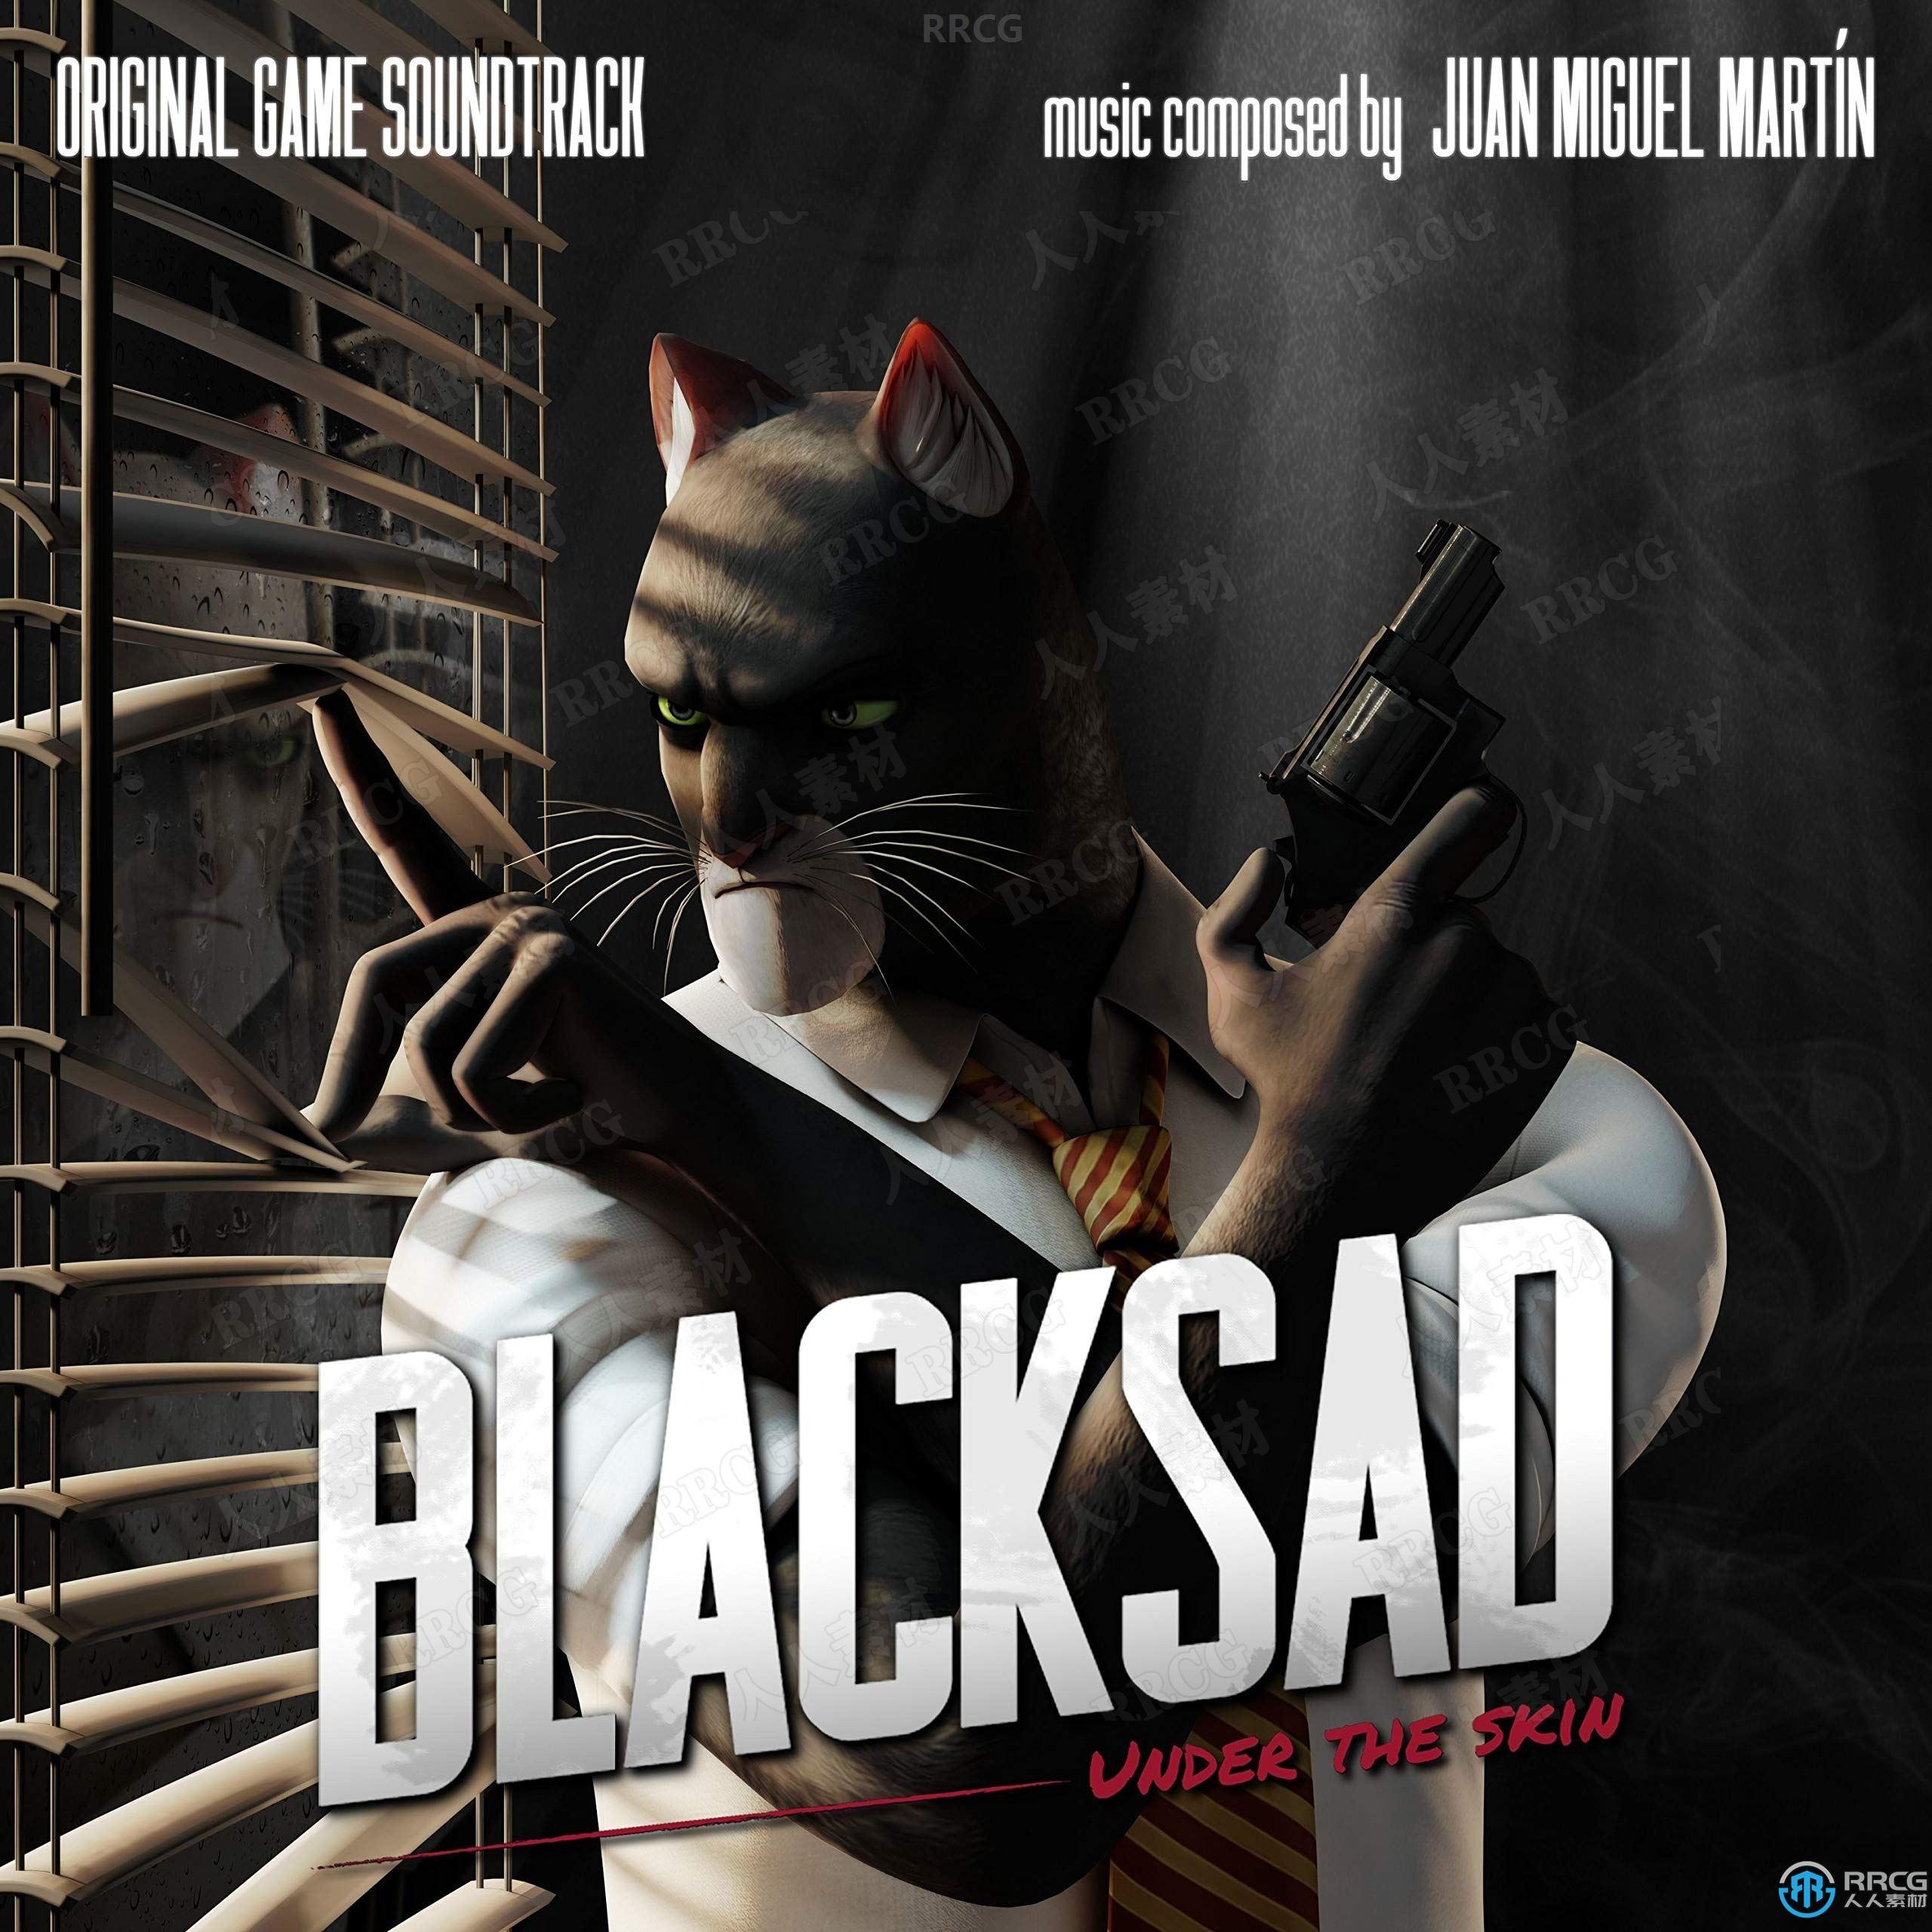 黑猫侦探:深入本质游戏配乐原声大碟OST音乐素材合集